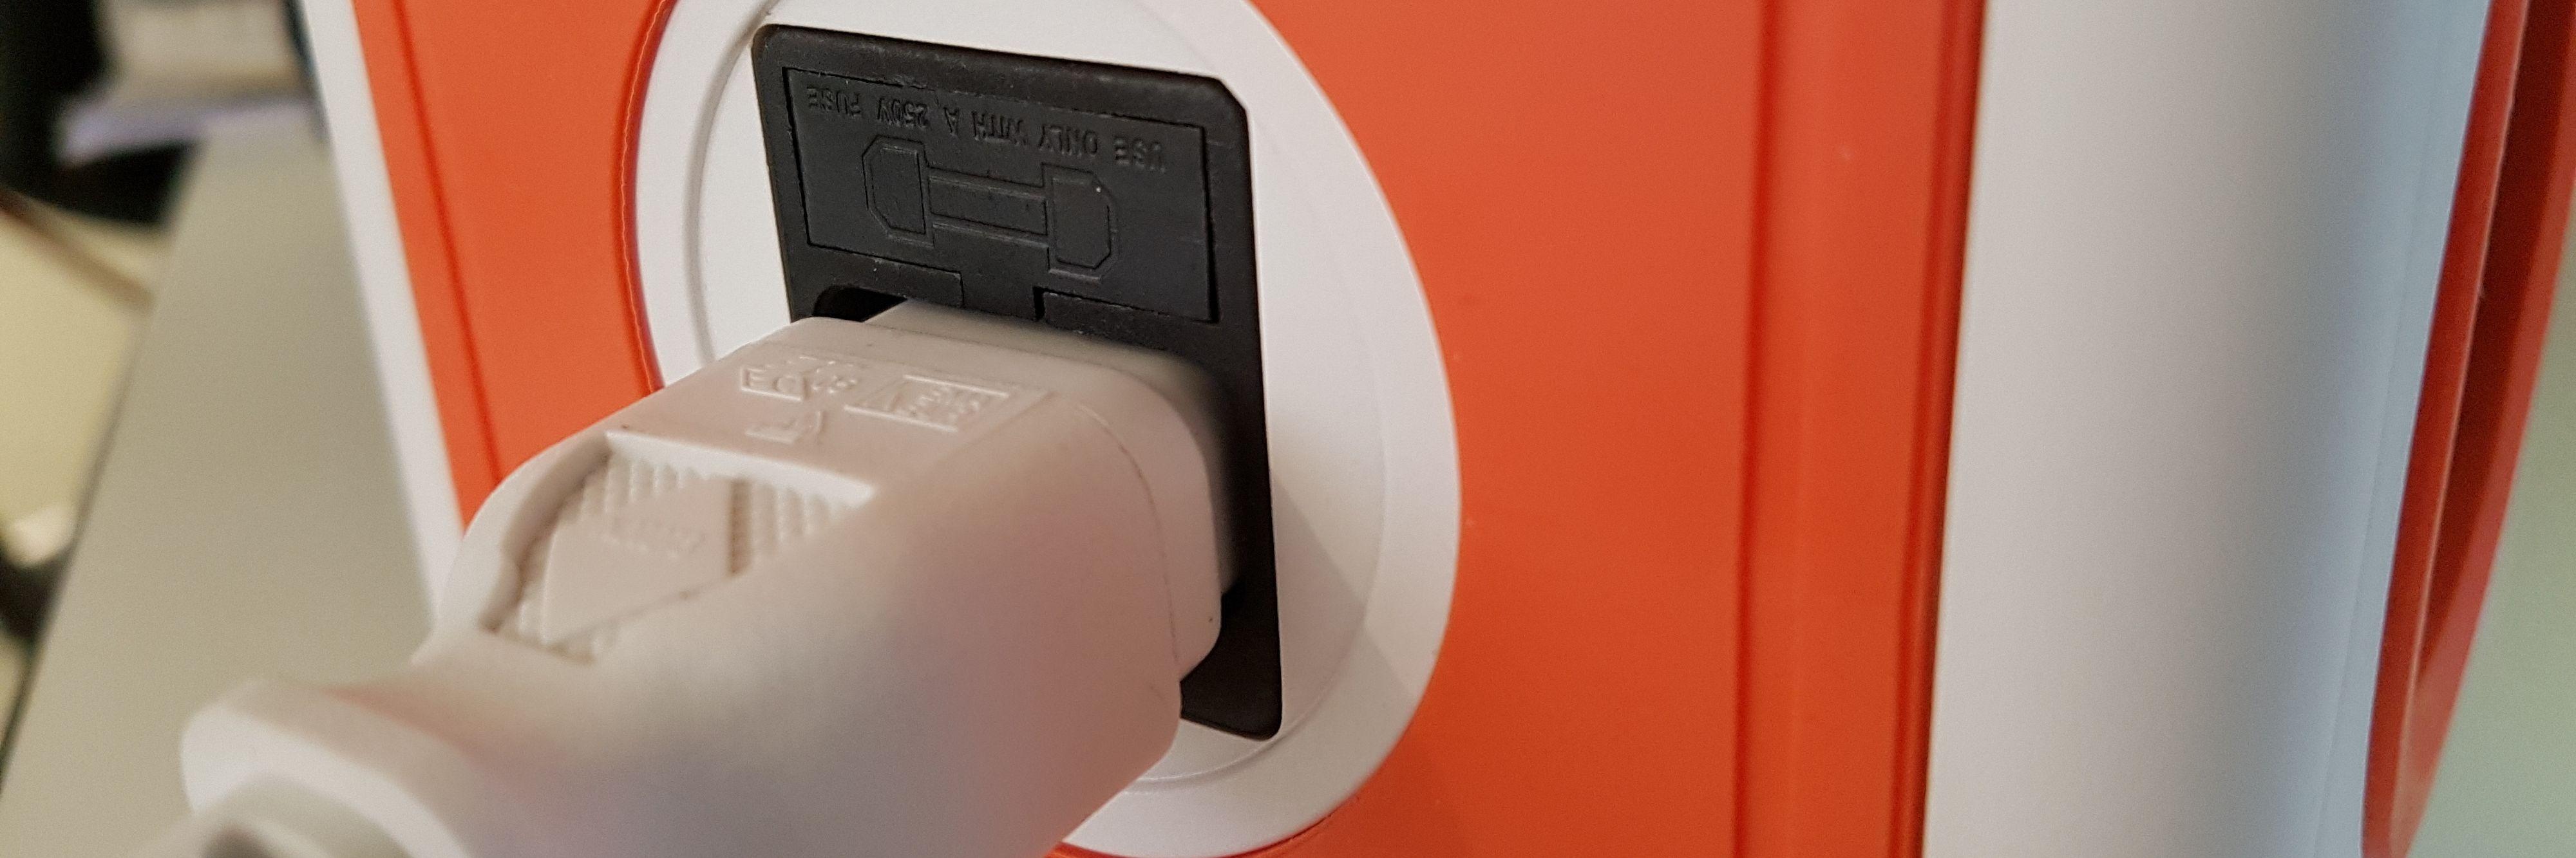 Høyttaleren bruker en strømkontakt av samme type som brukes i PC-skjermer og stasjonære PC-er.